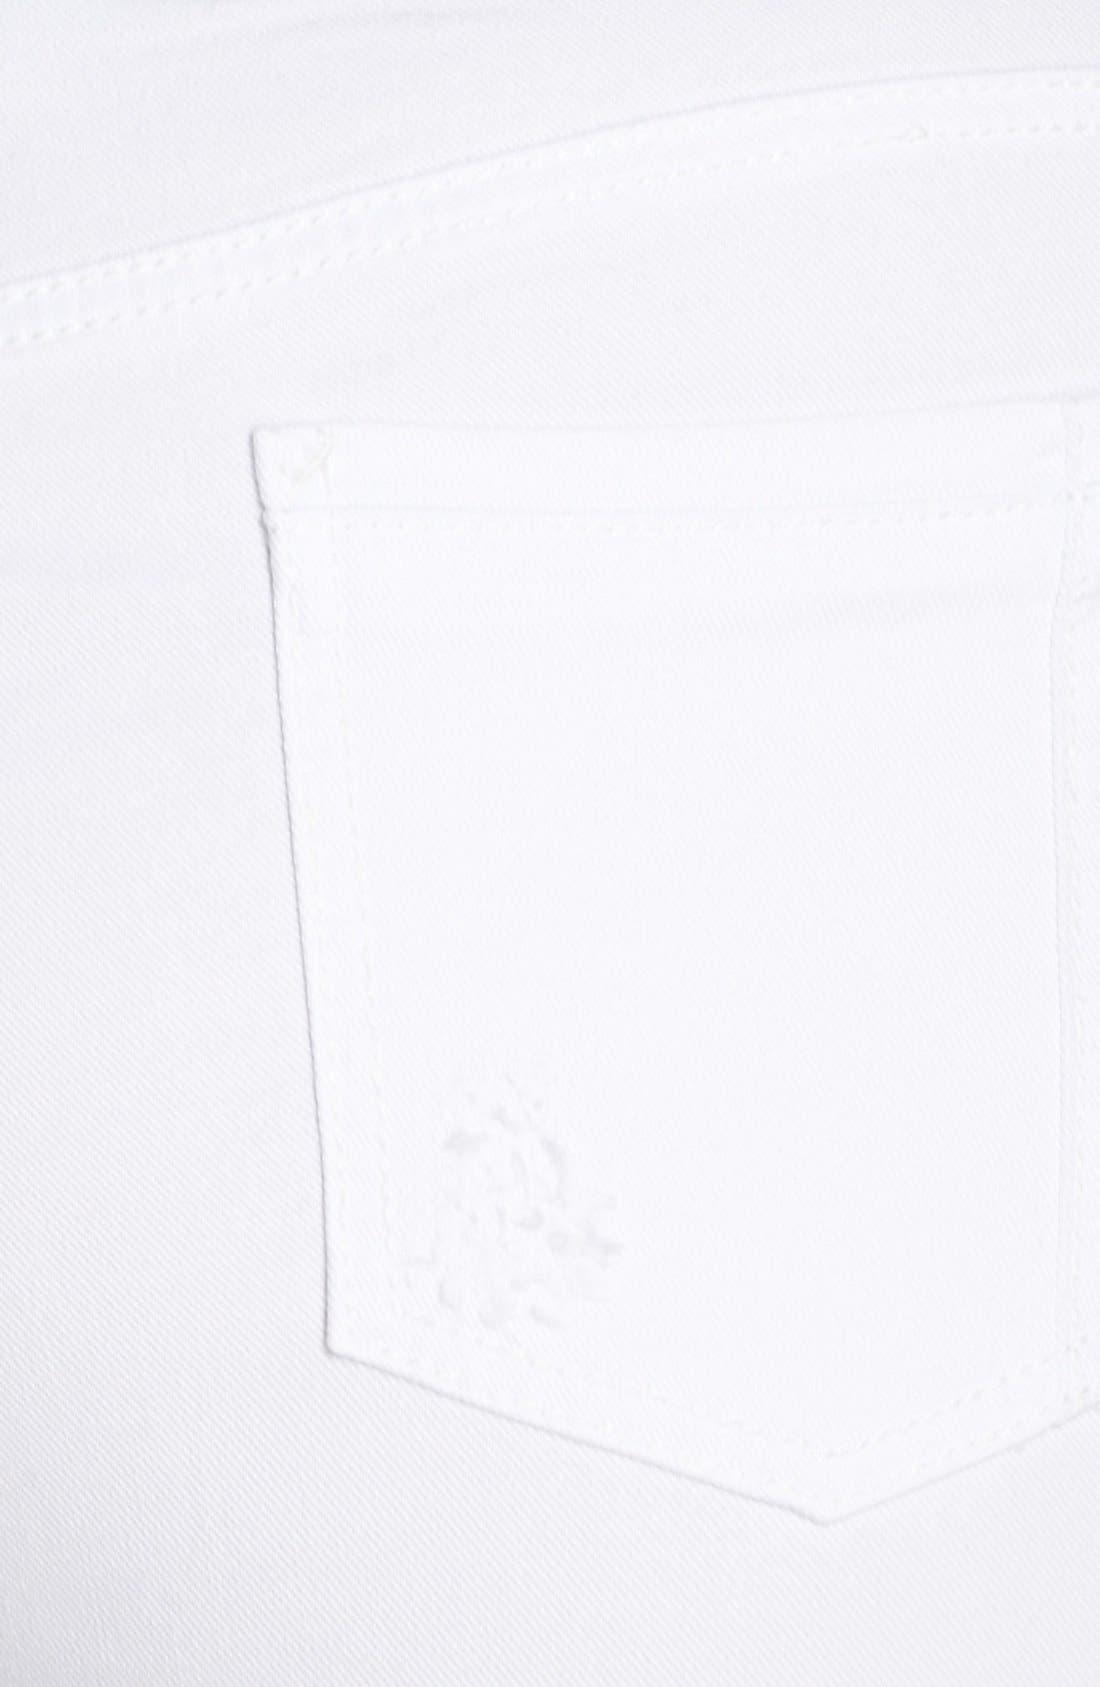 'Maya' Destroyed White Skinny Jeans,                             Alternate thumbnail 3, color,                             CASPER